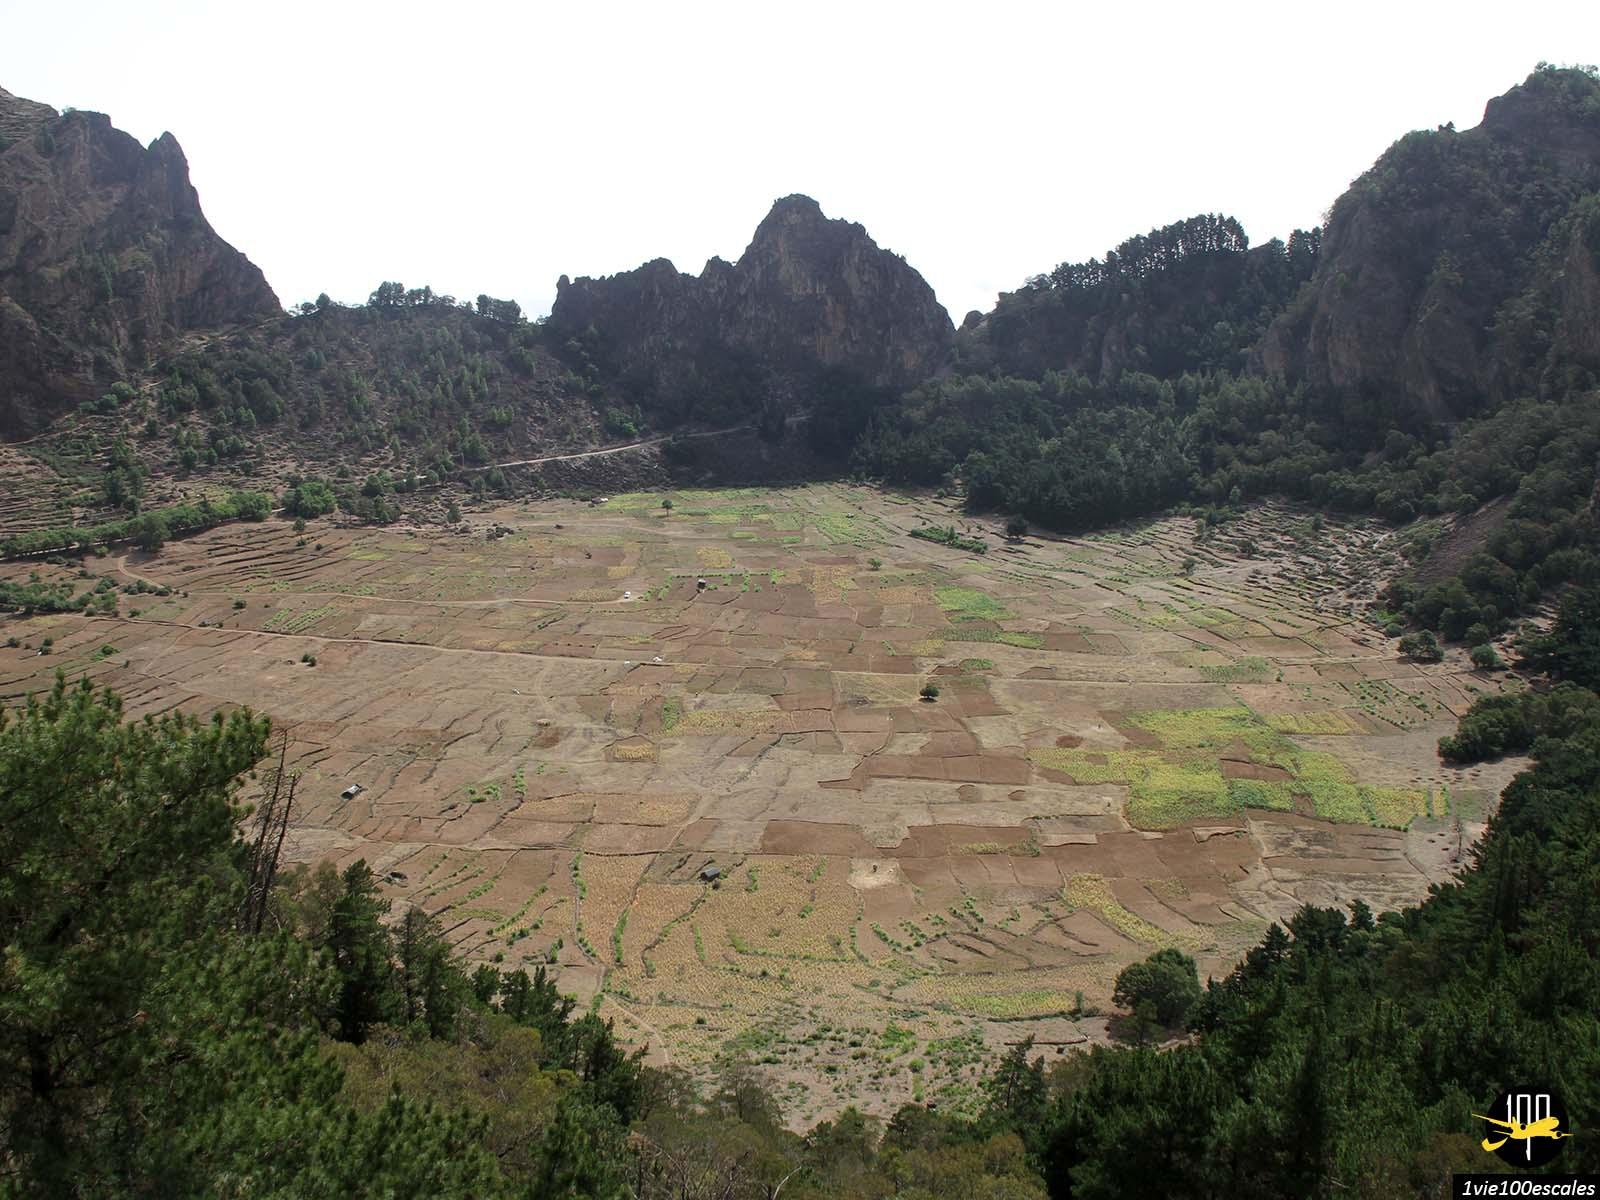 Le cratère Cova de Paúl recouvert par la cultivation à Santo Antao